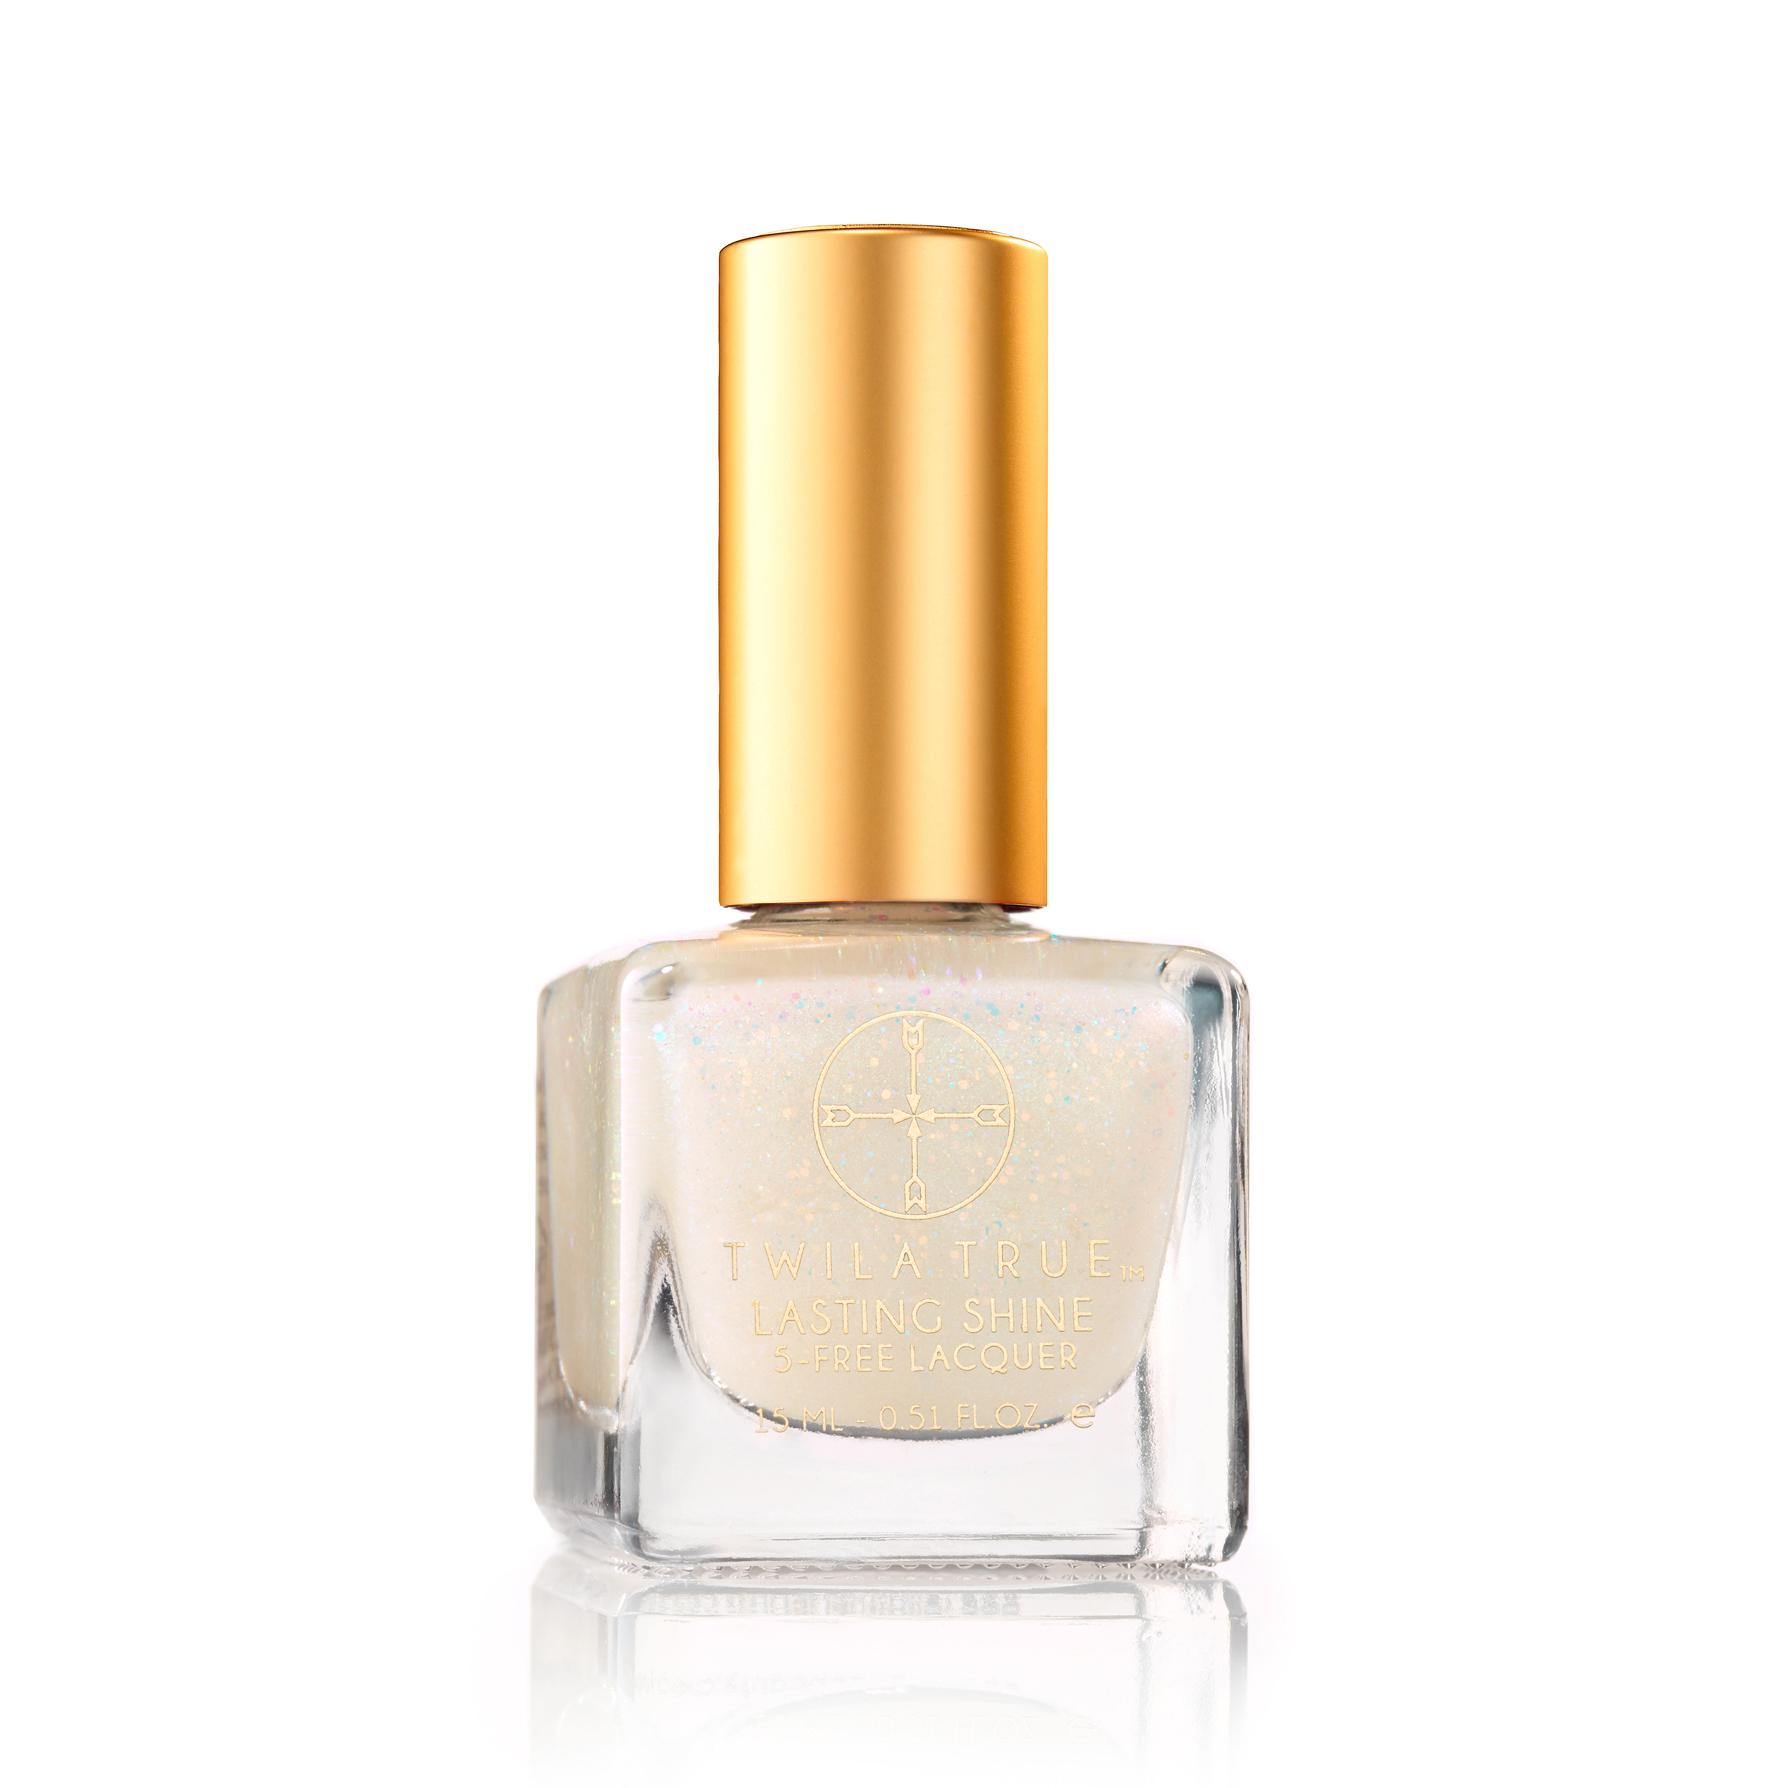 Nude Glitter Nail Polish Glow Getter Twila True Beauty